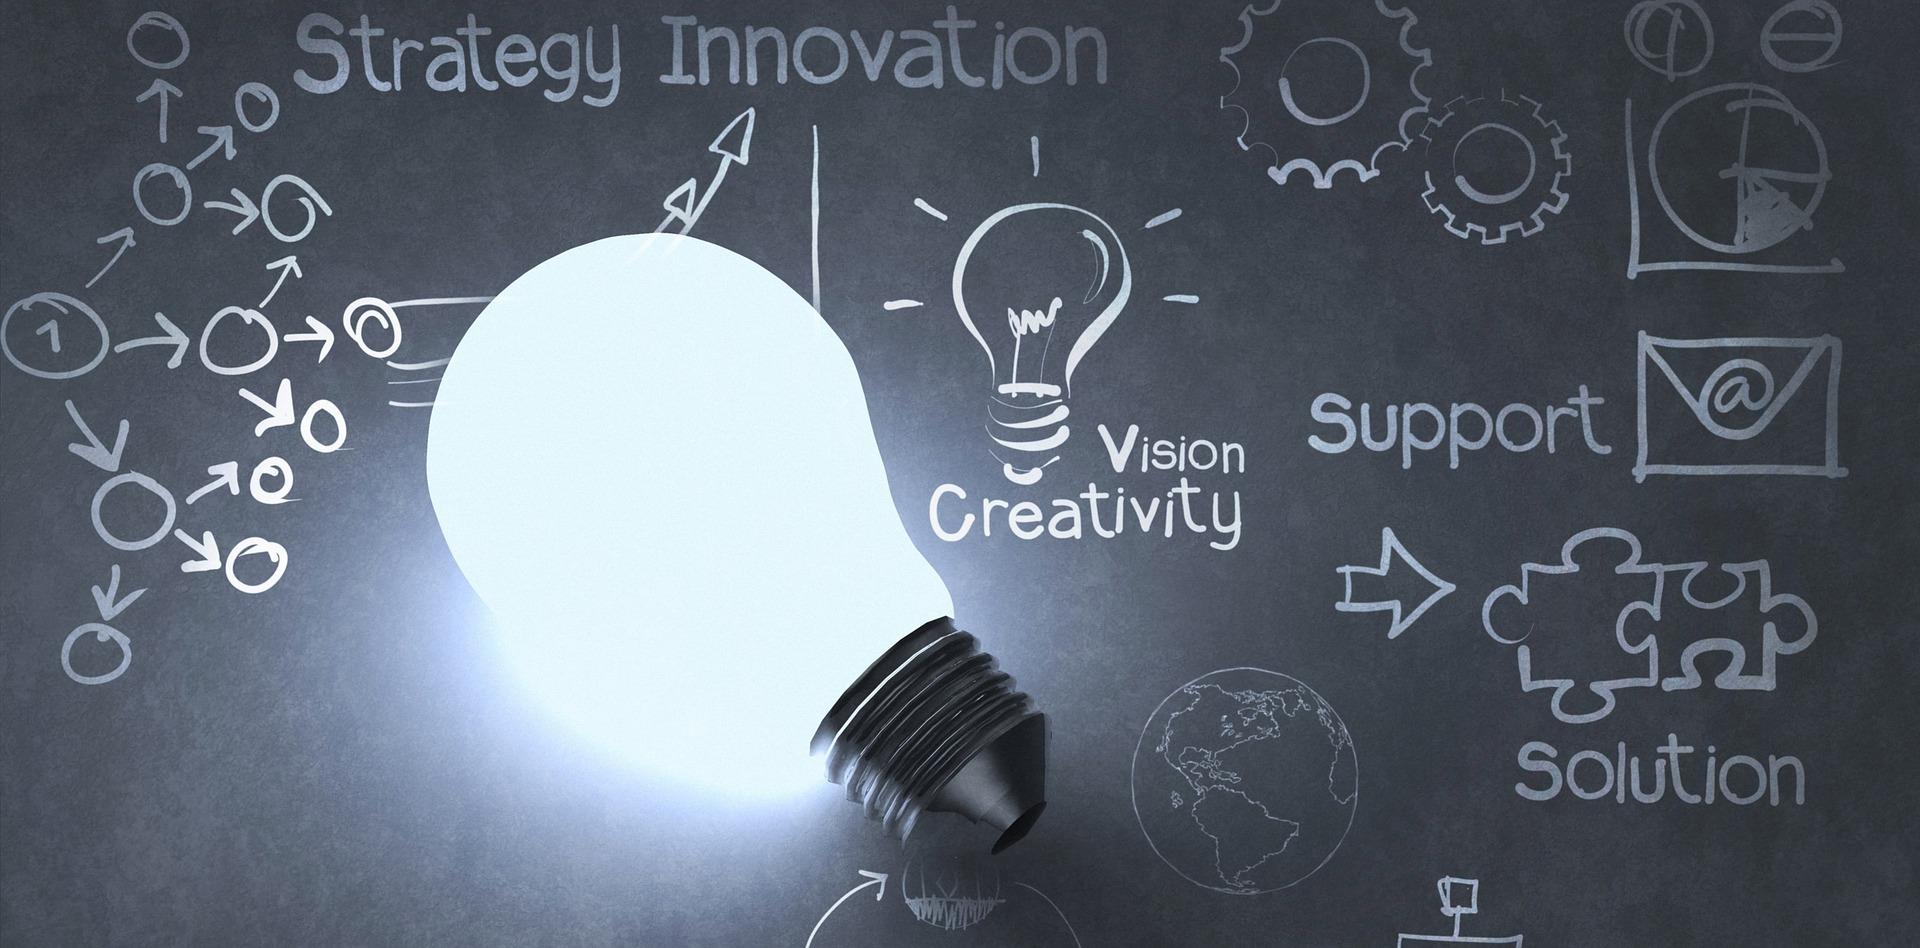 lavoro_innovazione